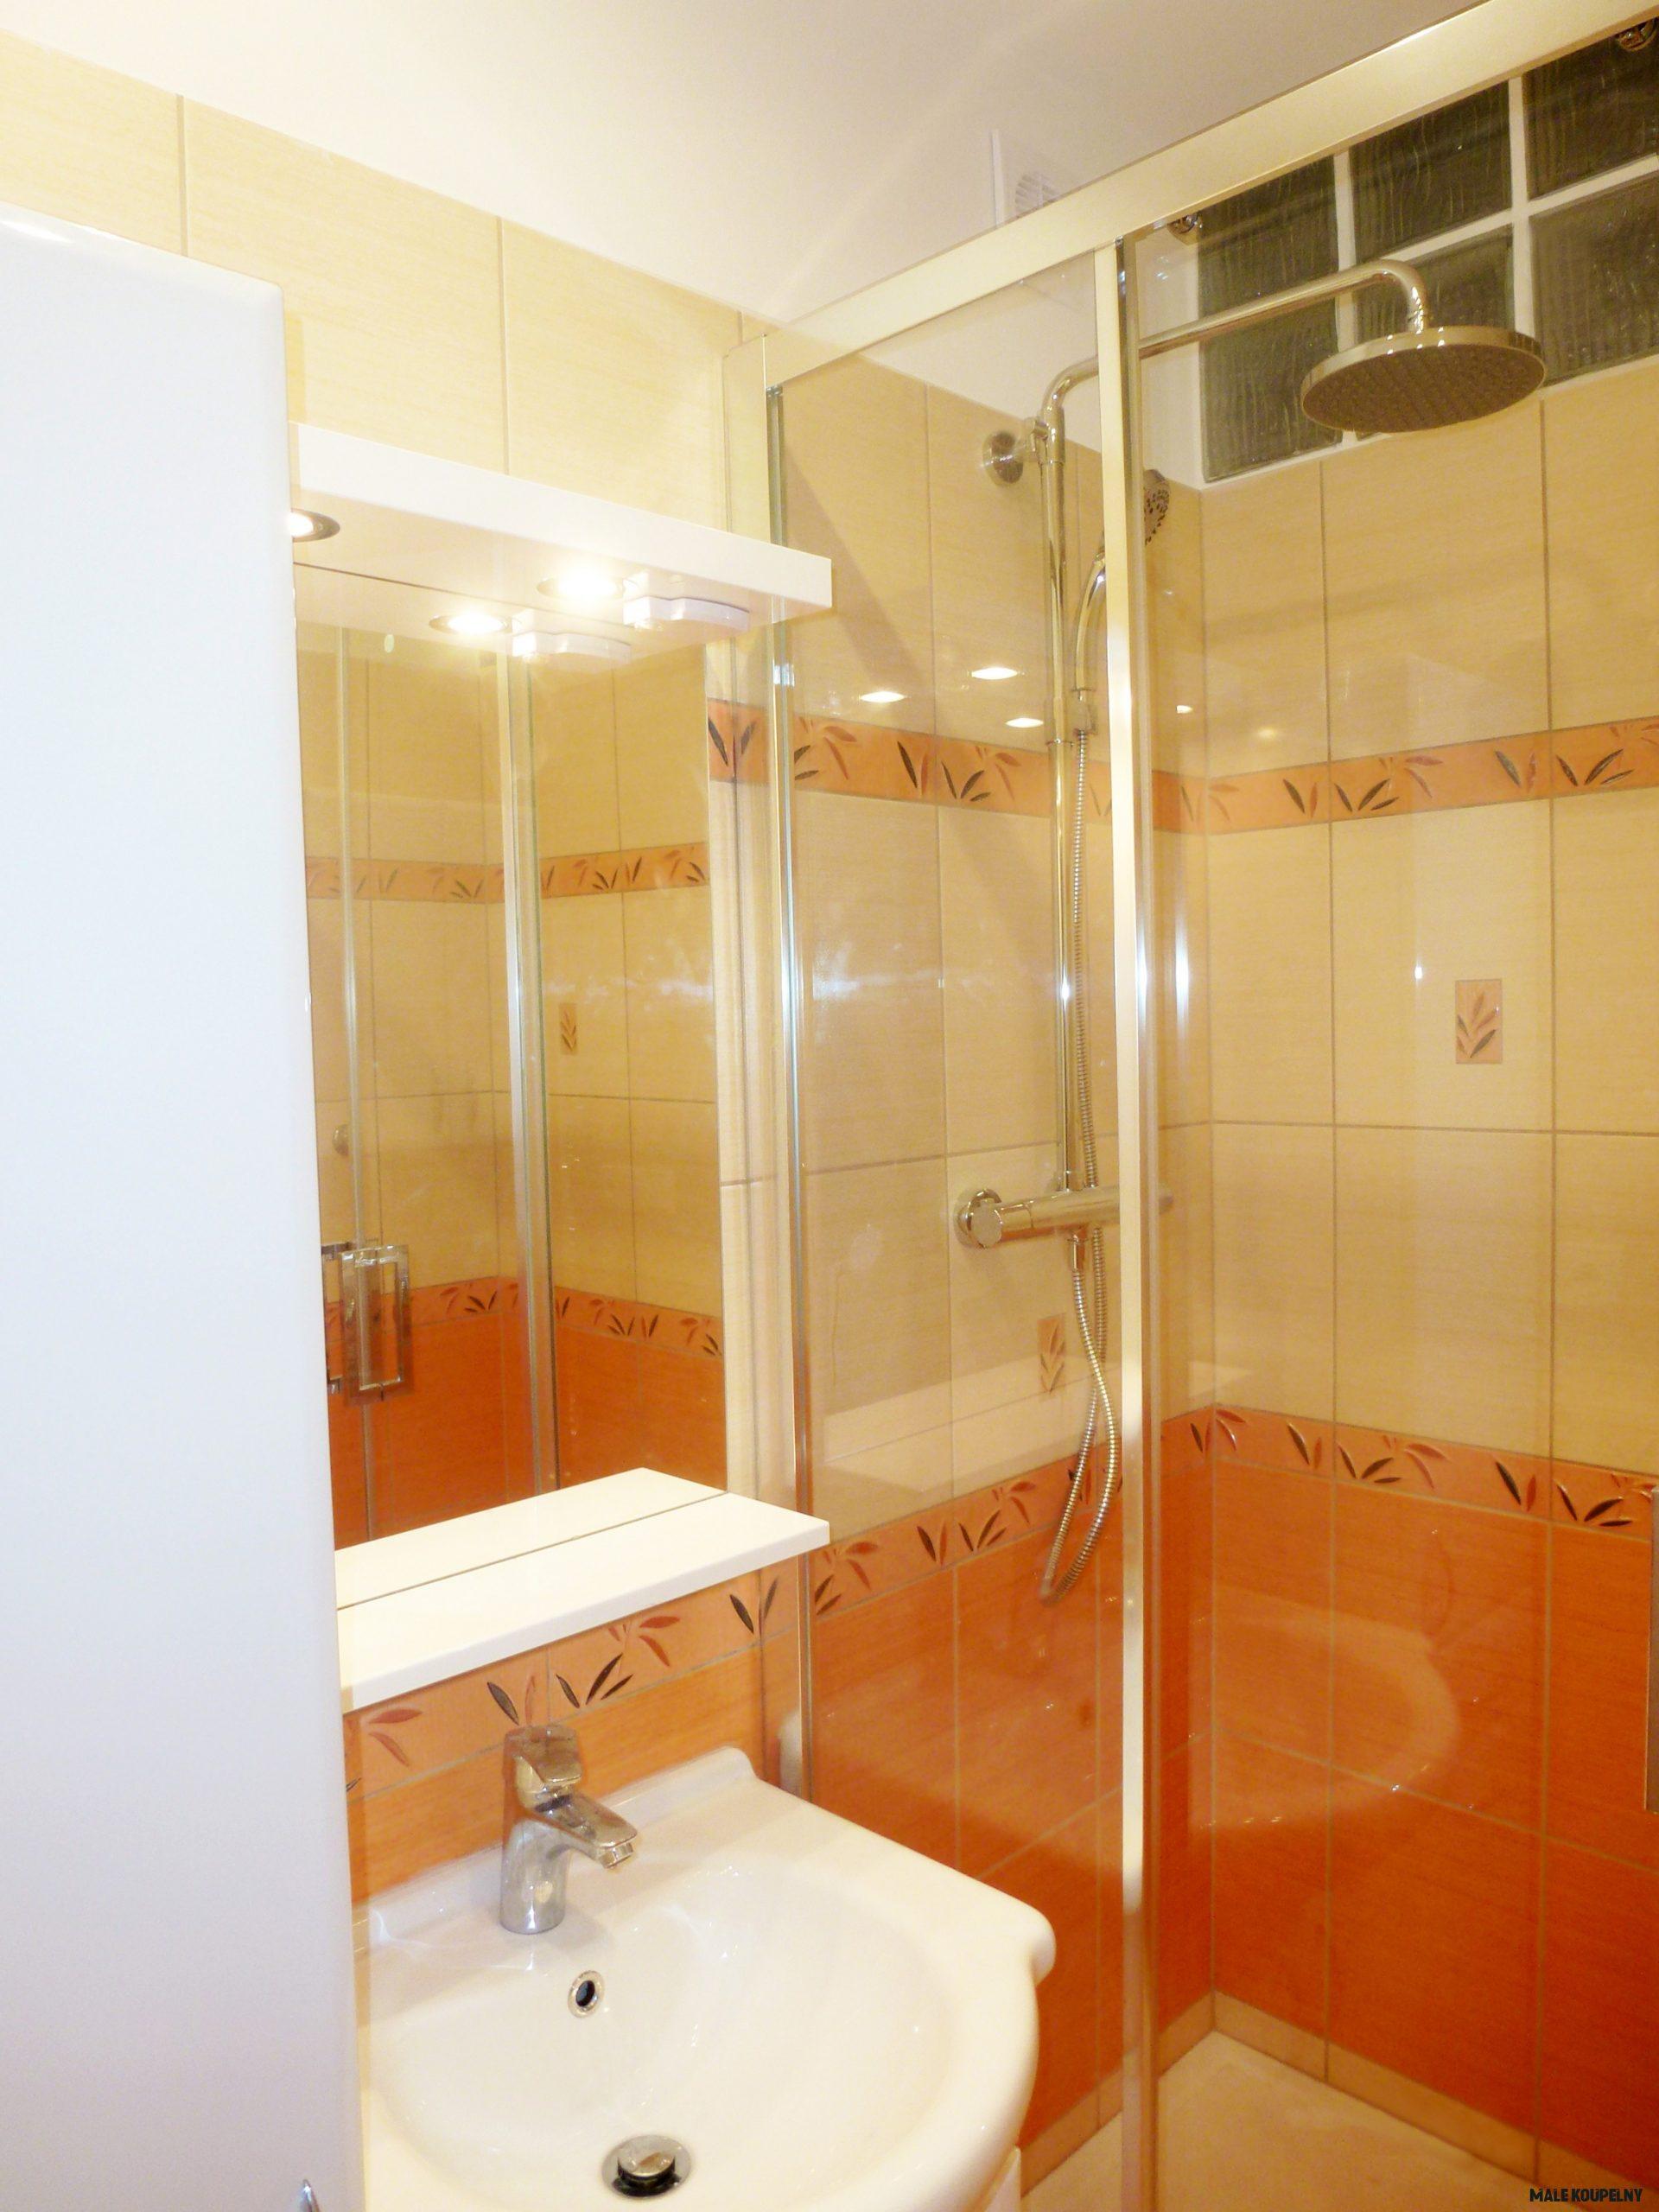 A2000 Rekonstrukce malé panelákové koupelny (200,200m200), Svitavy  PEM